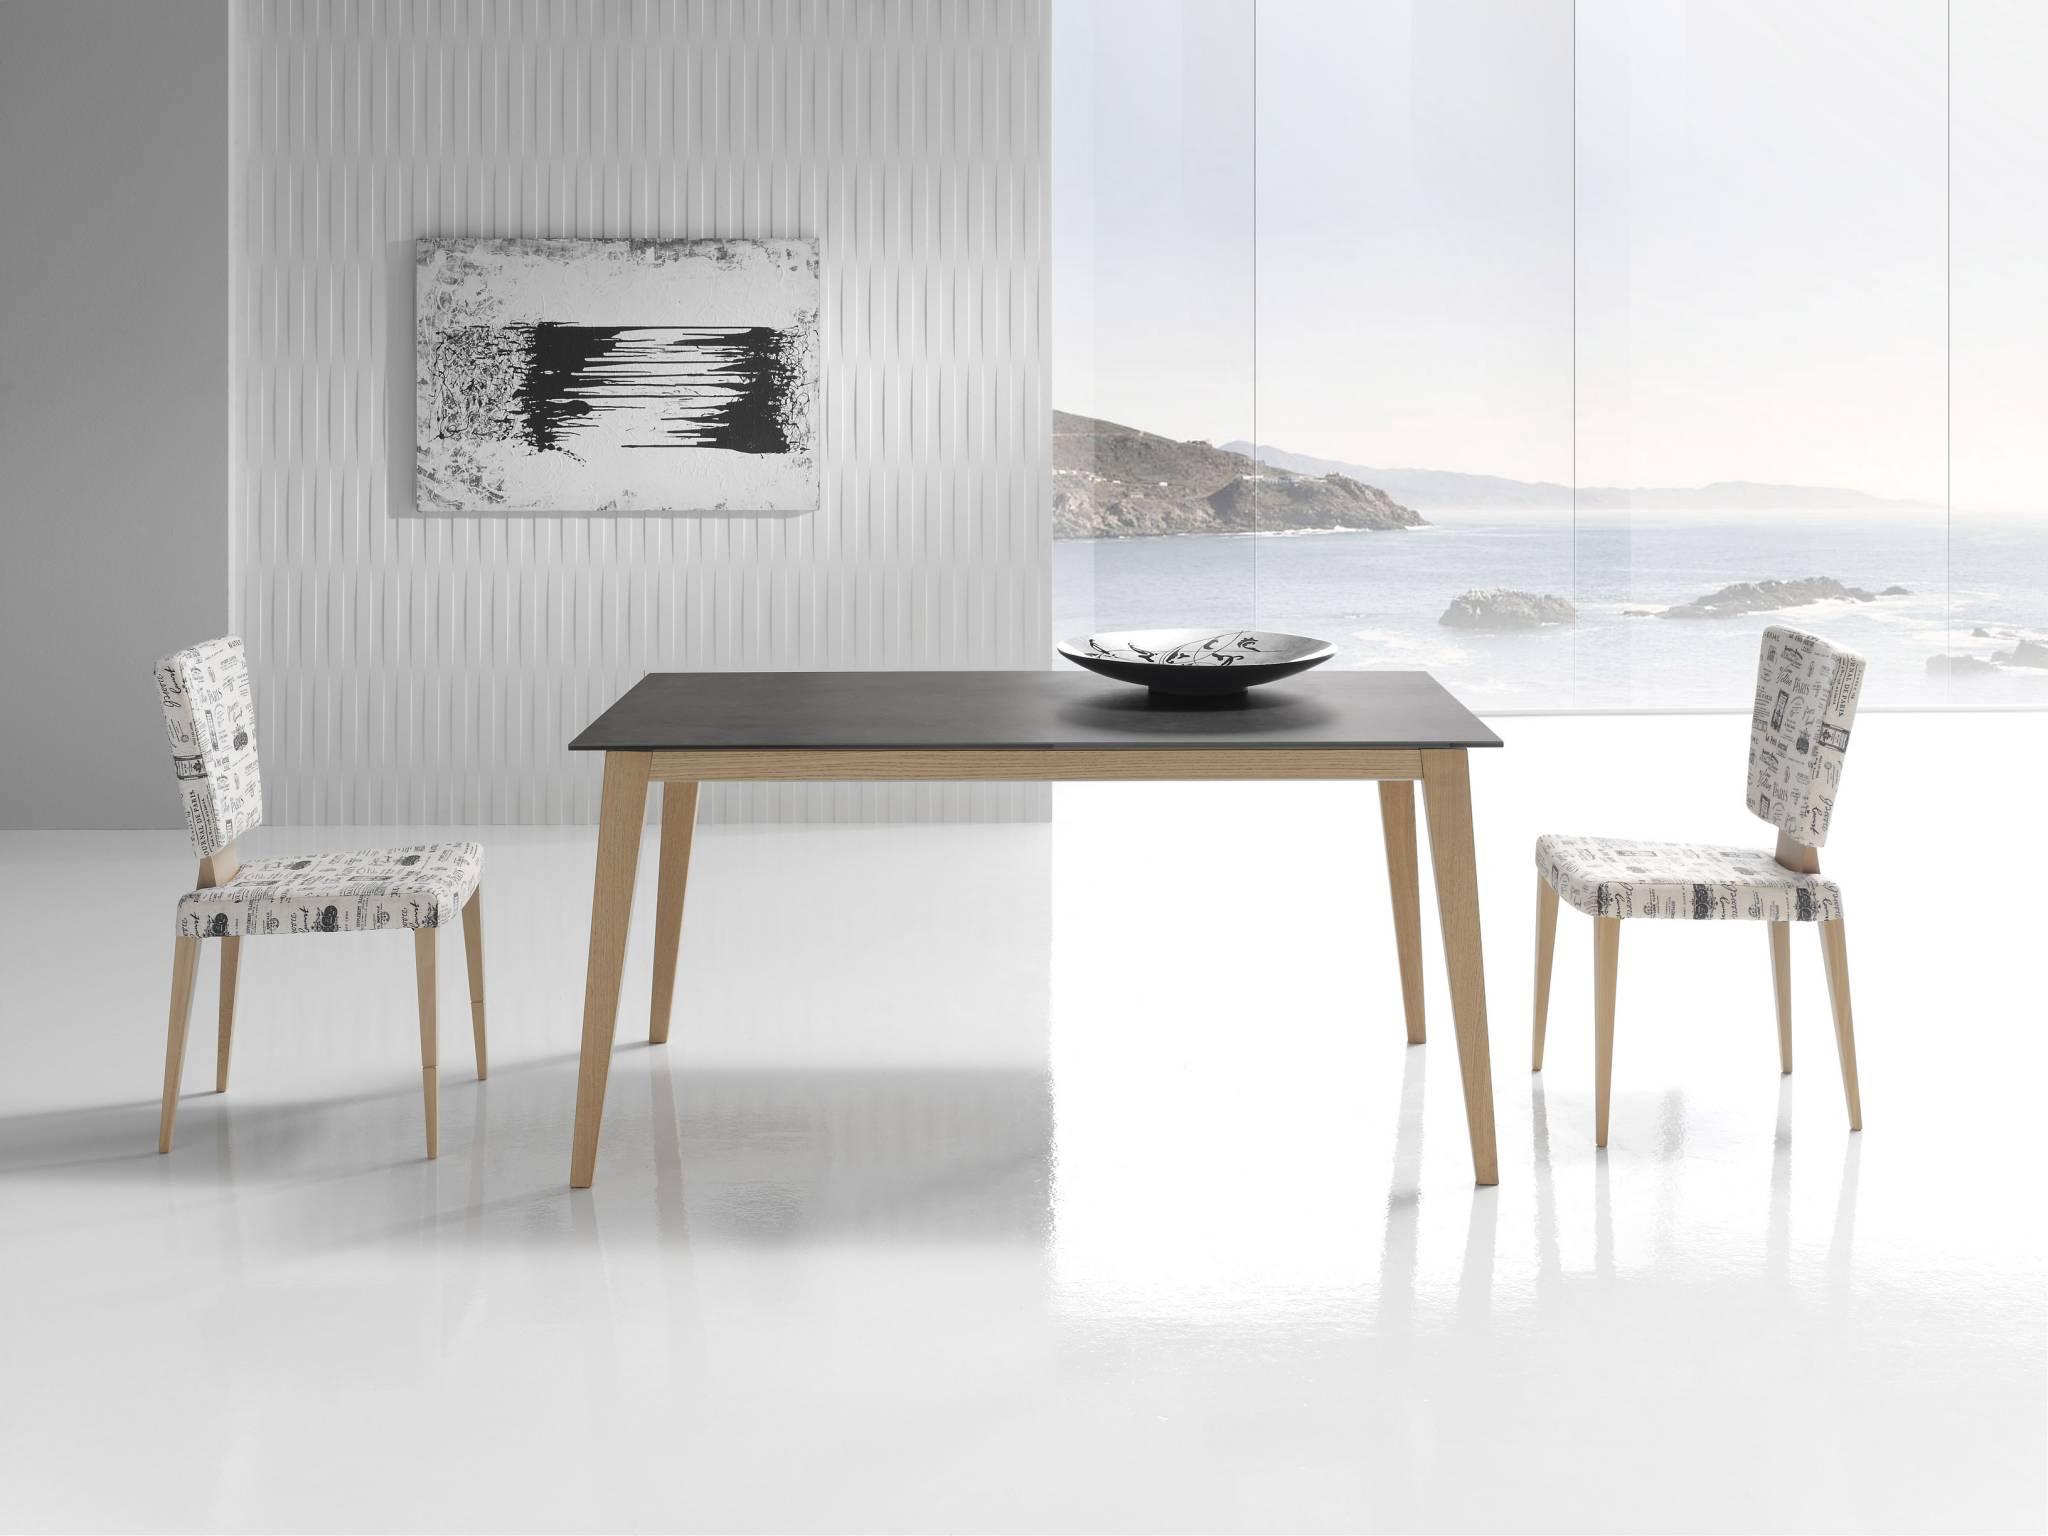 Mesa comedor n rdica muebles d azmuebles d az for Mesa comedor estilo nordico